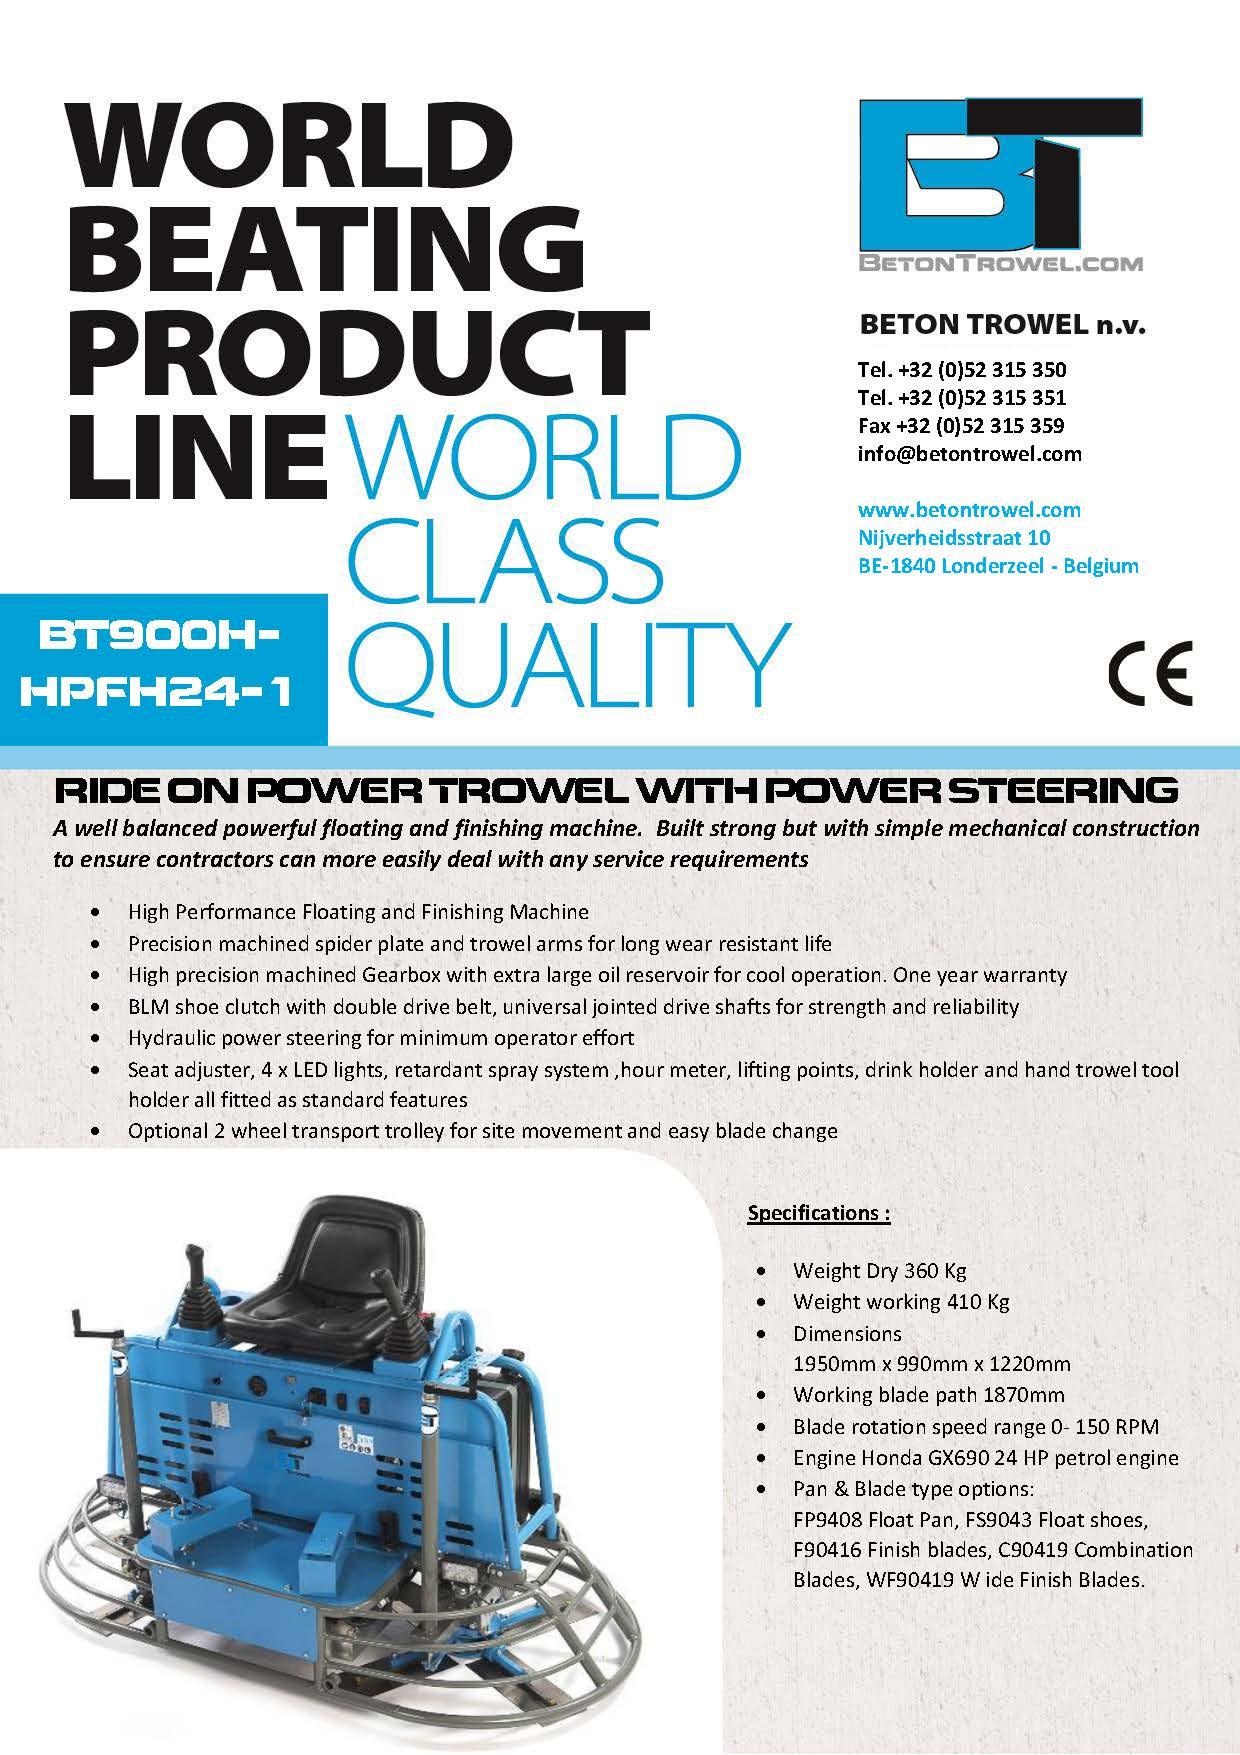 BT900H-HPFH24.1